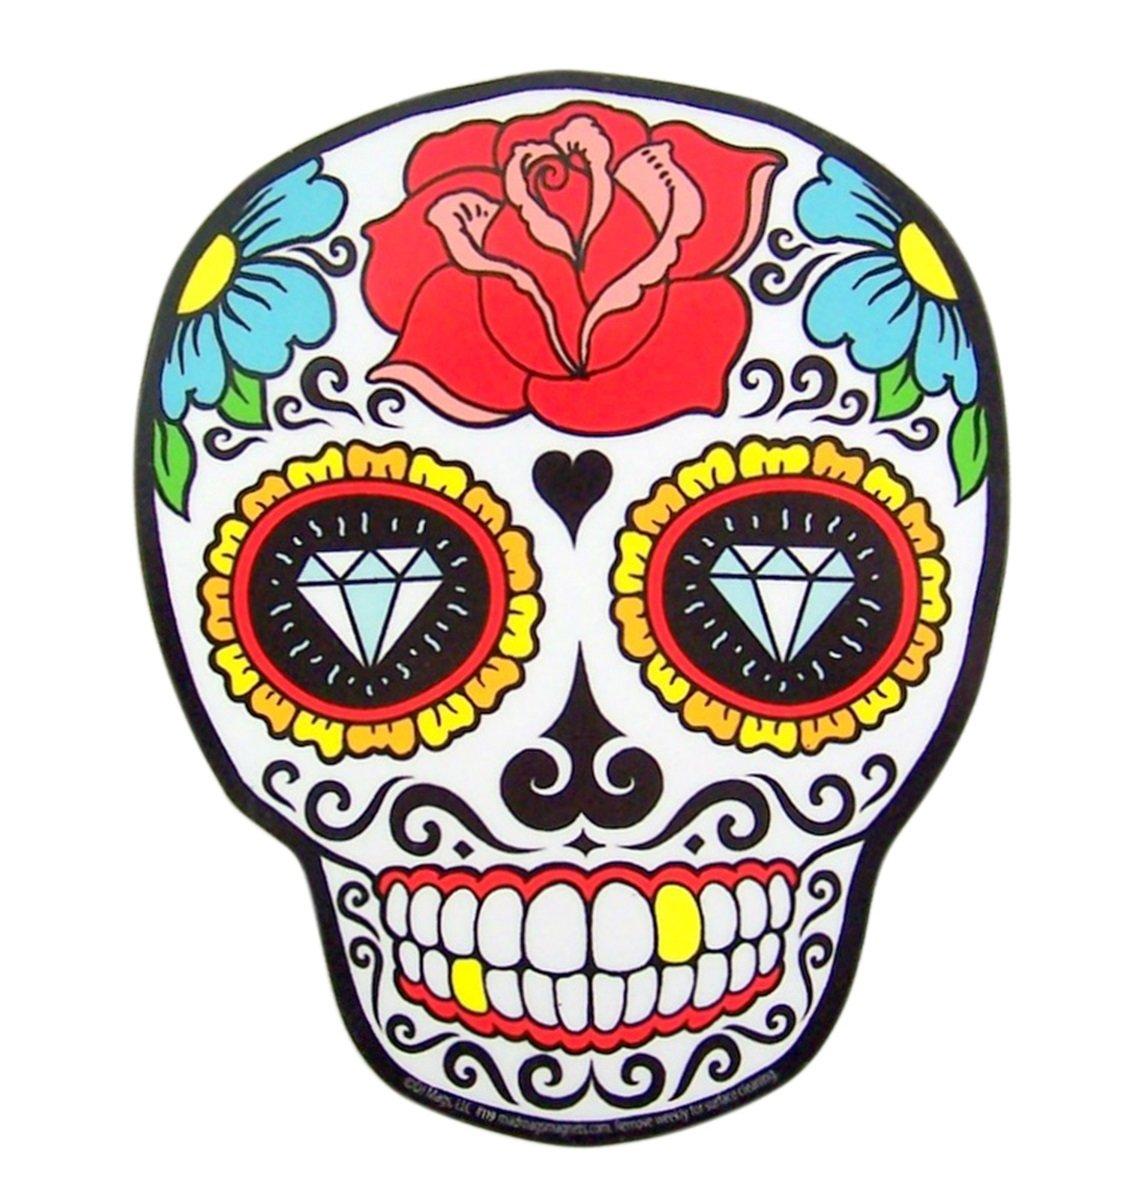 or Refrigerator Mad Mags Sugar Senorita Rose Skull Skeleton Magnet Decoration for Car Locker Office Whiteboard Senorita Rosa